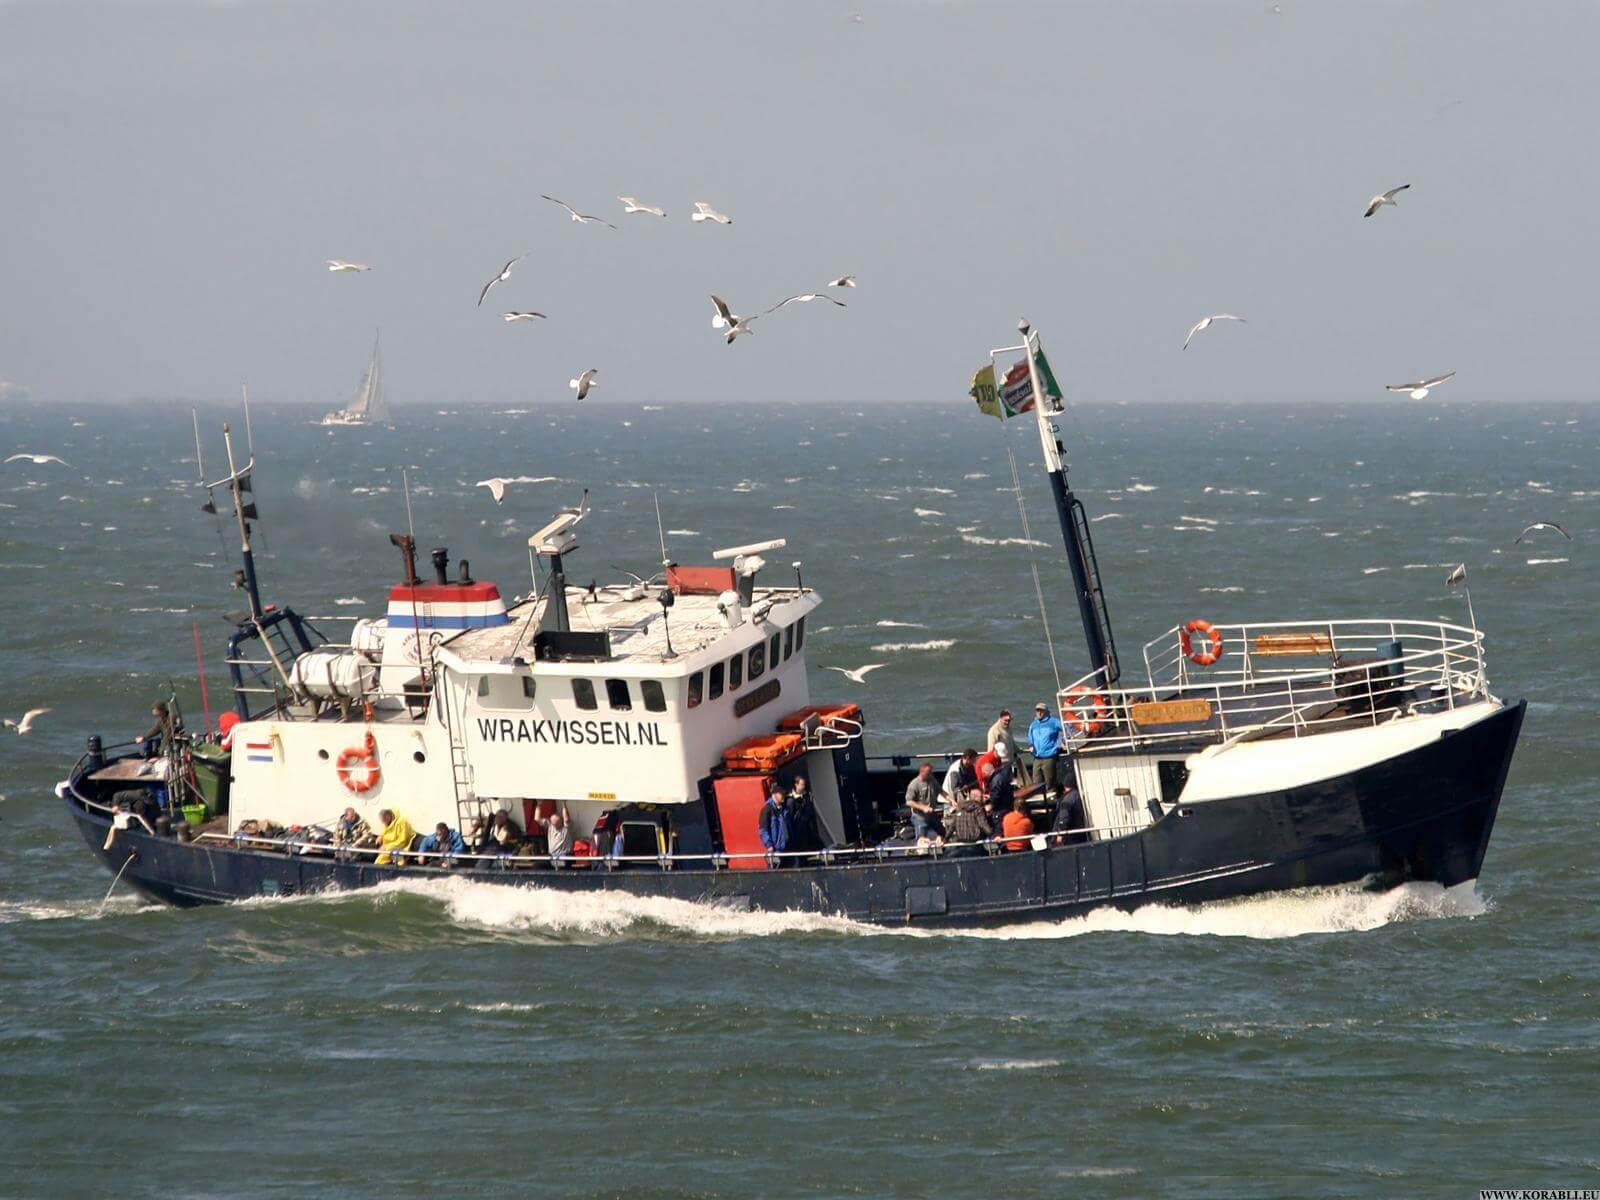 свою долгую смотреть картинки рыболовецких судов том, что